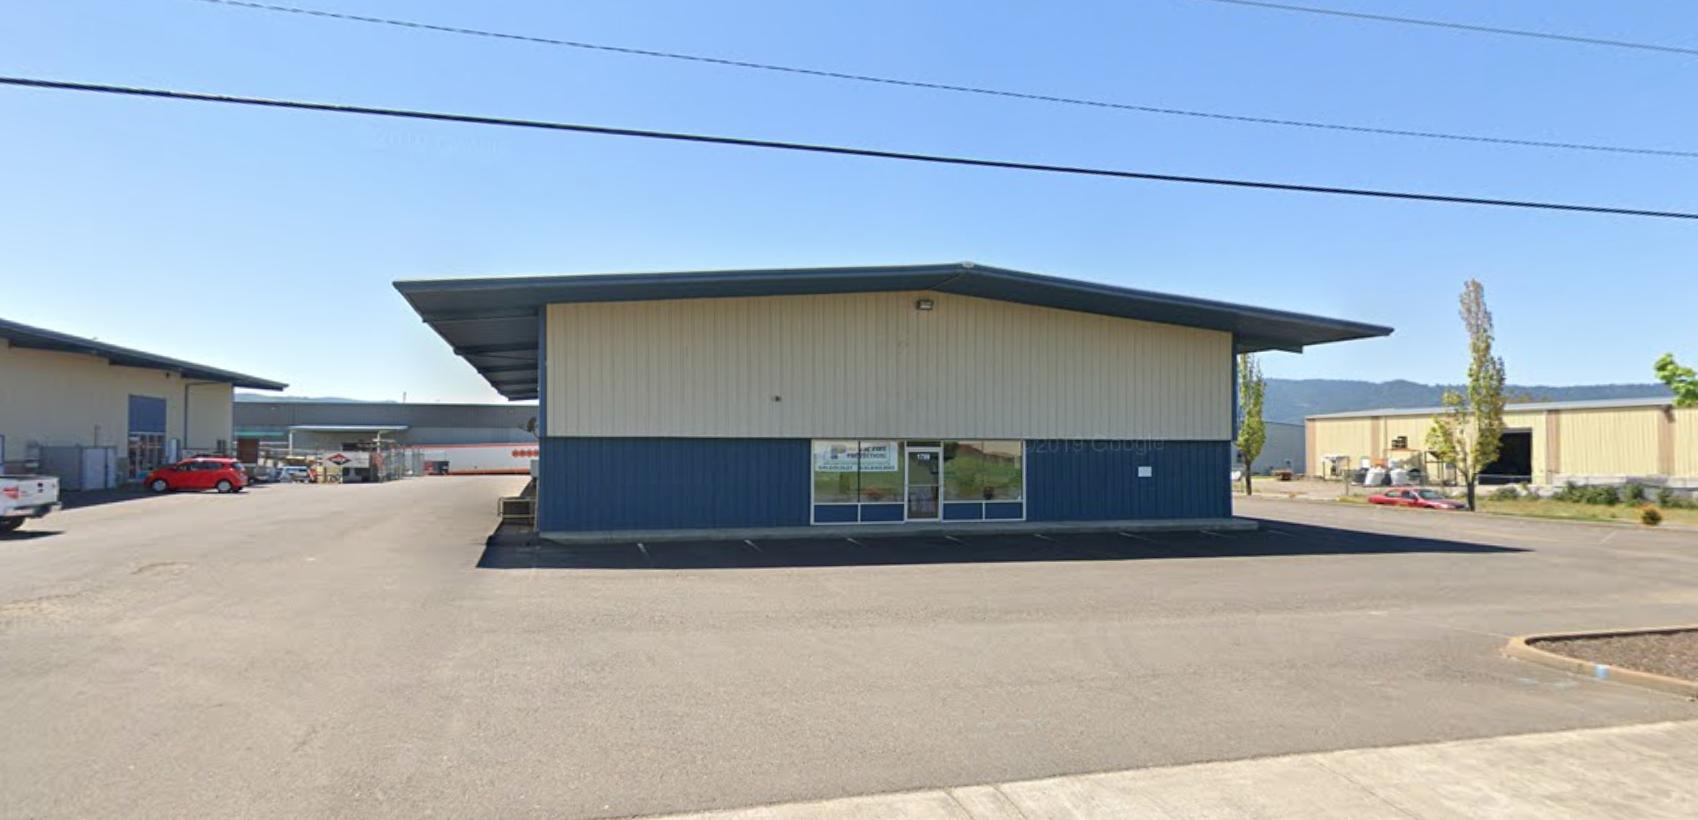 PG Long - Medford - 1799 Sage Rd #101, Medford, OR 97501